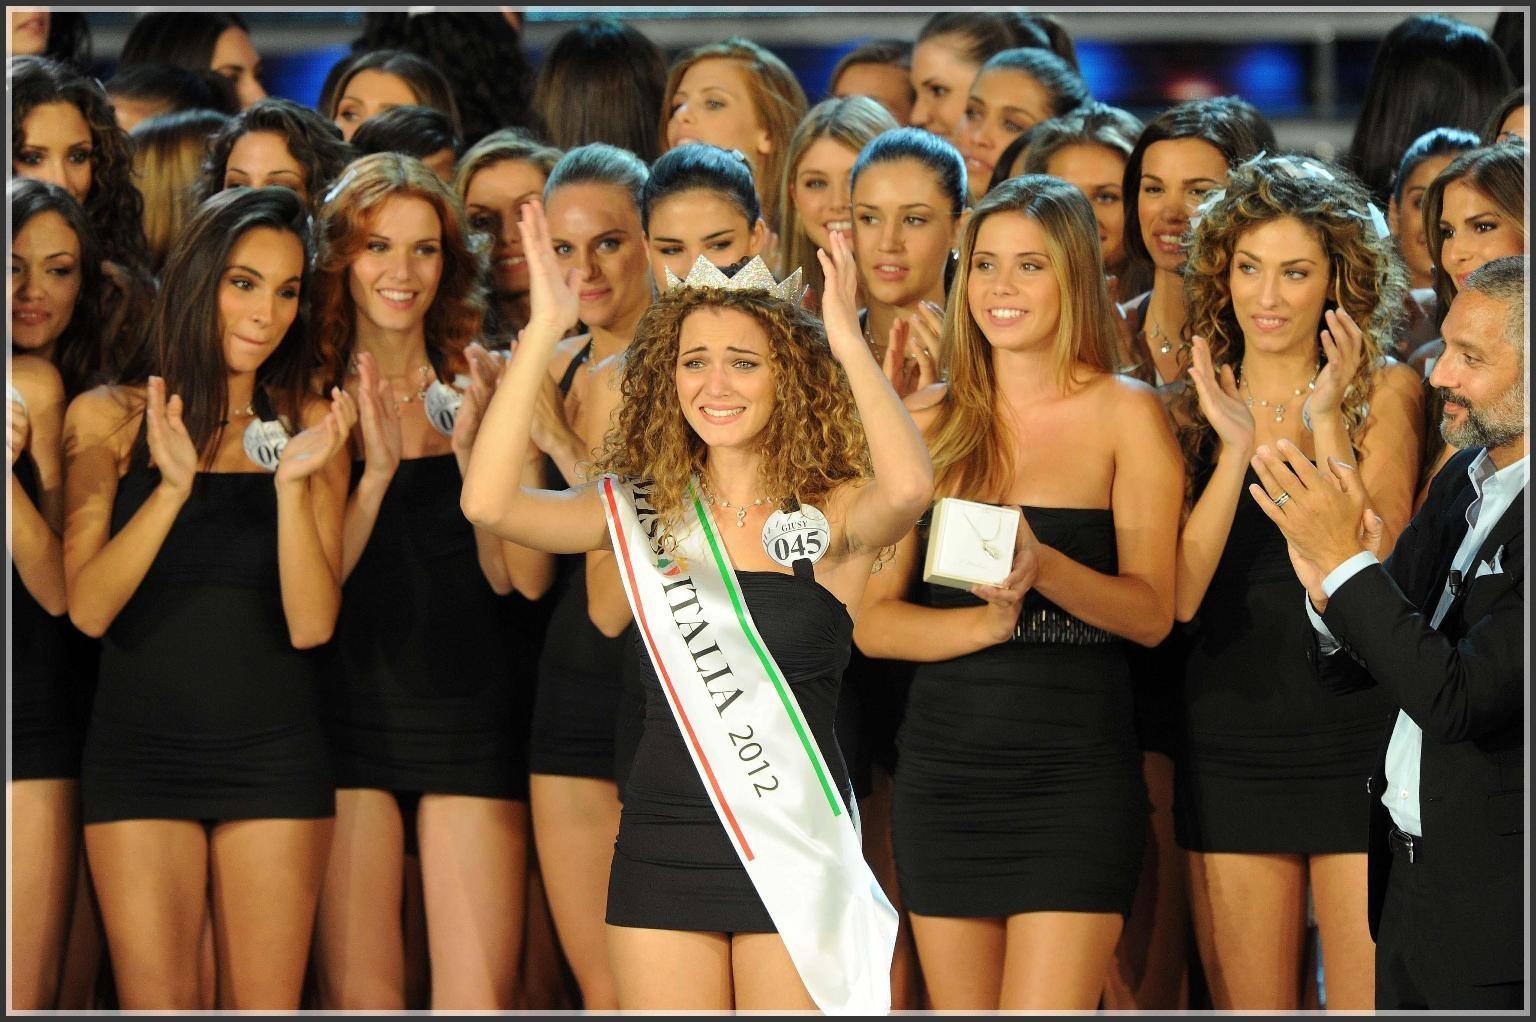 """La frase della settimana - #Boldrini: """"Cancellare #MissItalia scelta moderna e civile"""""""